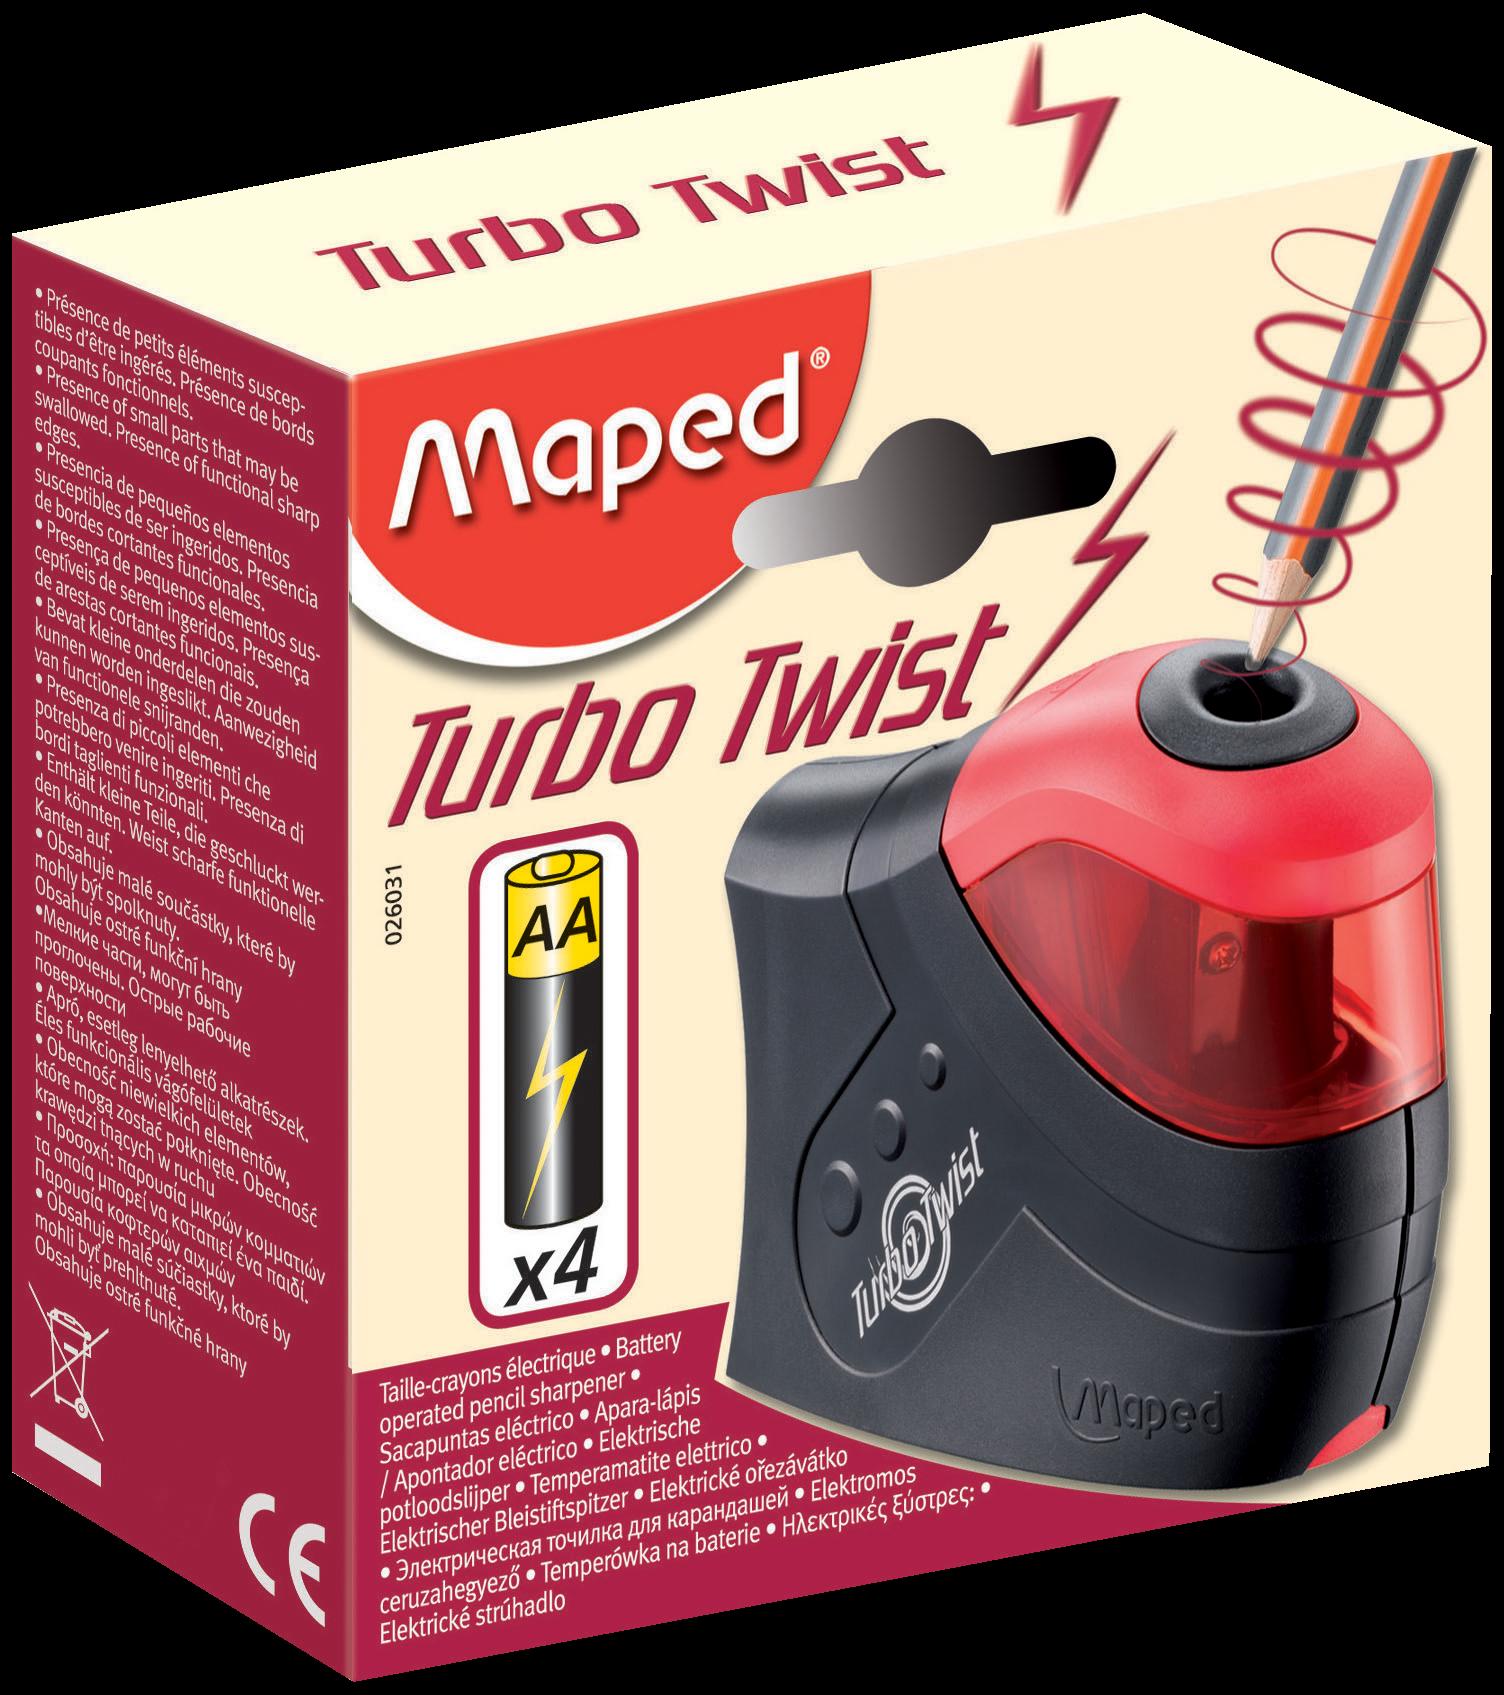 Электрическая точилка Turbo Twist – 1 отверстие